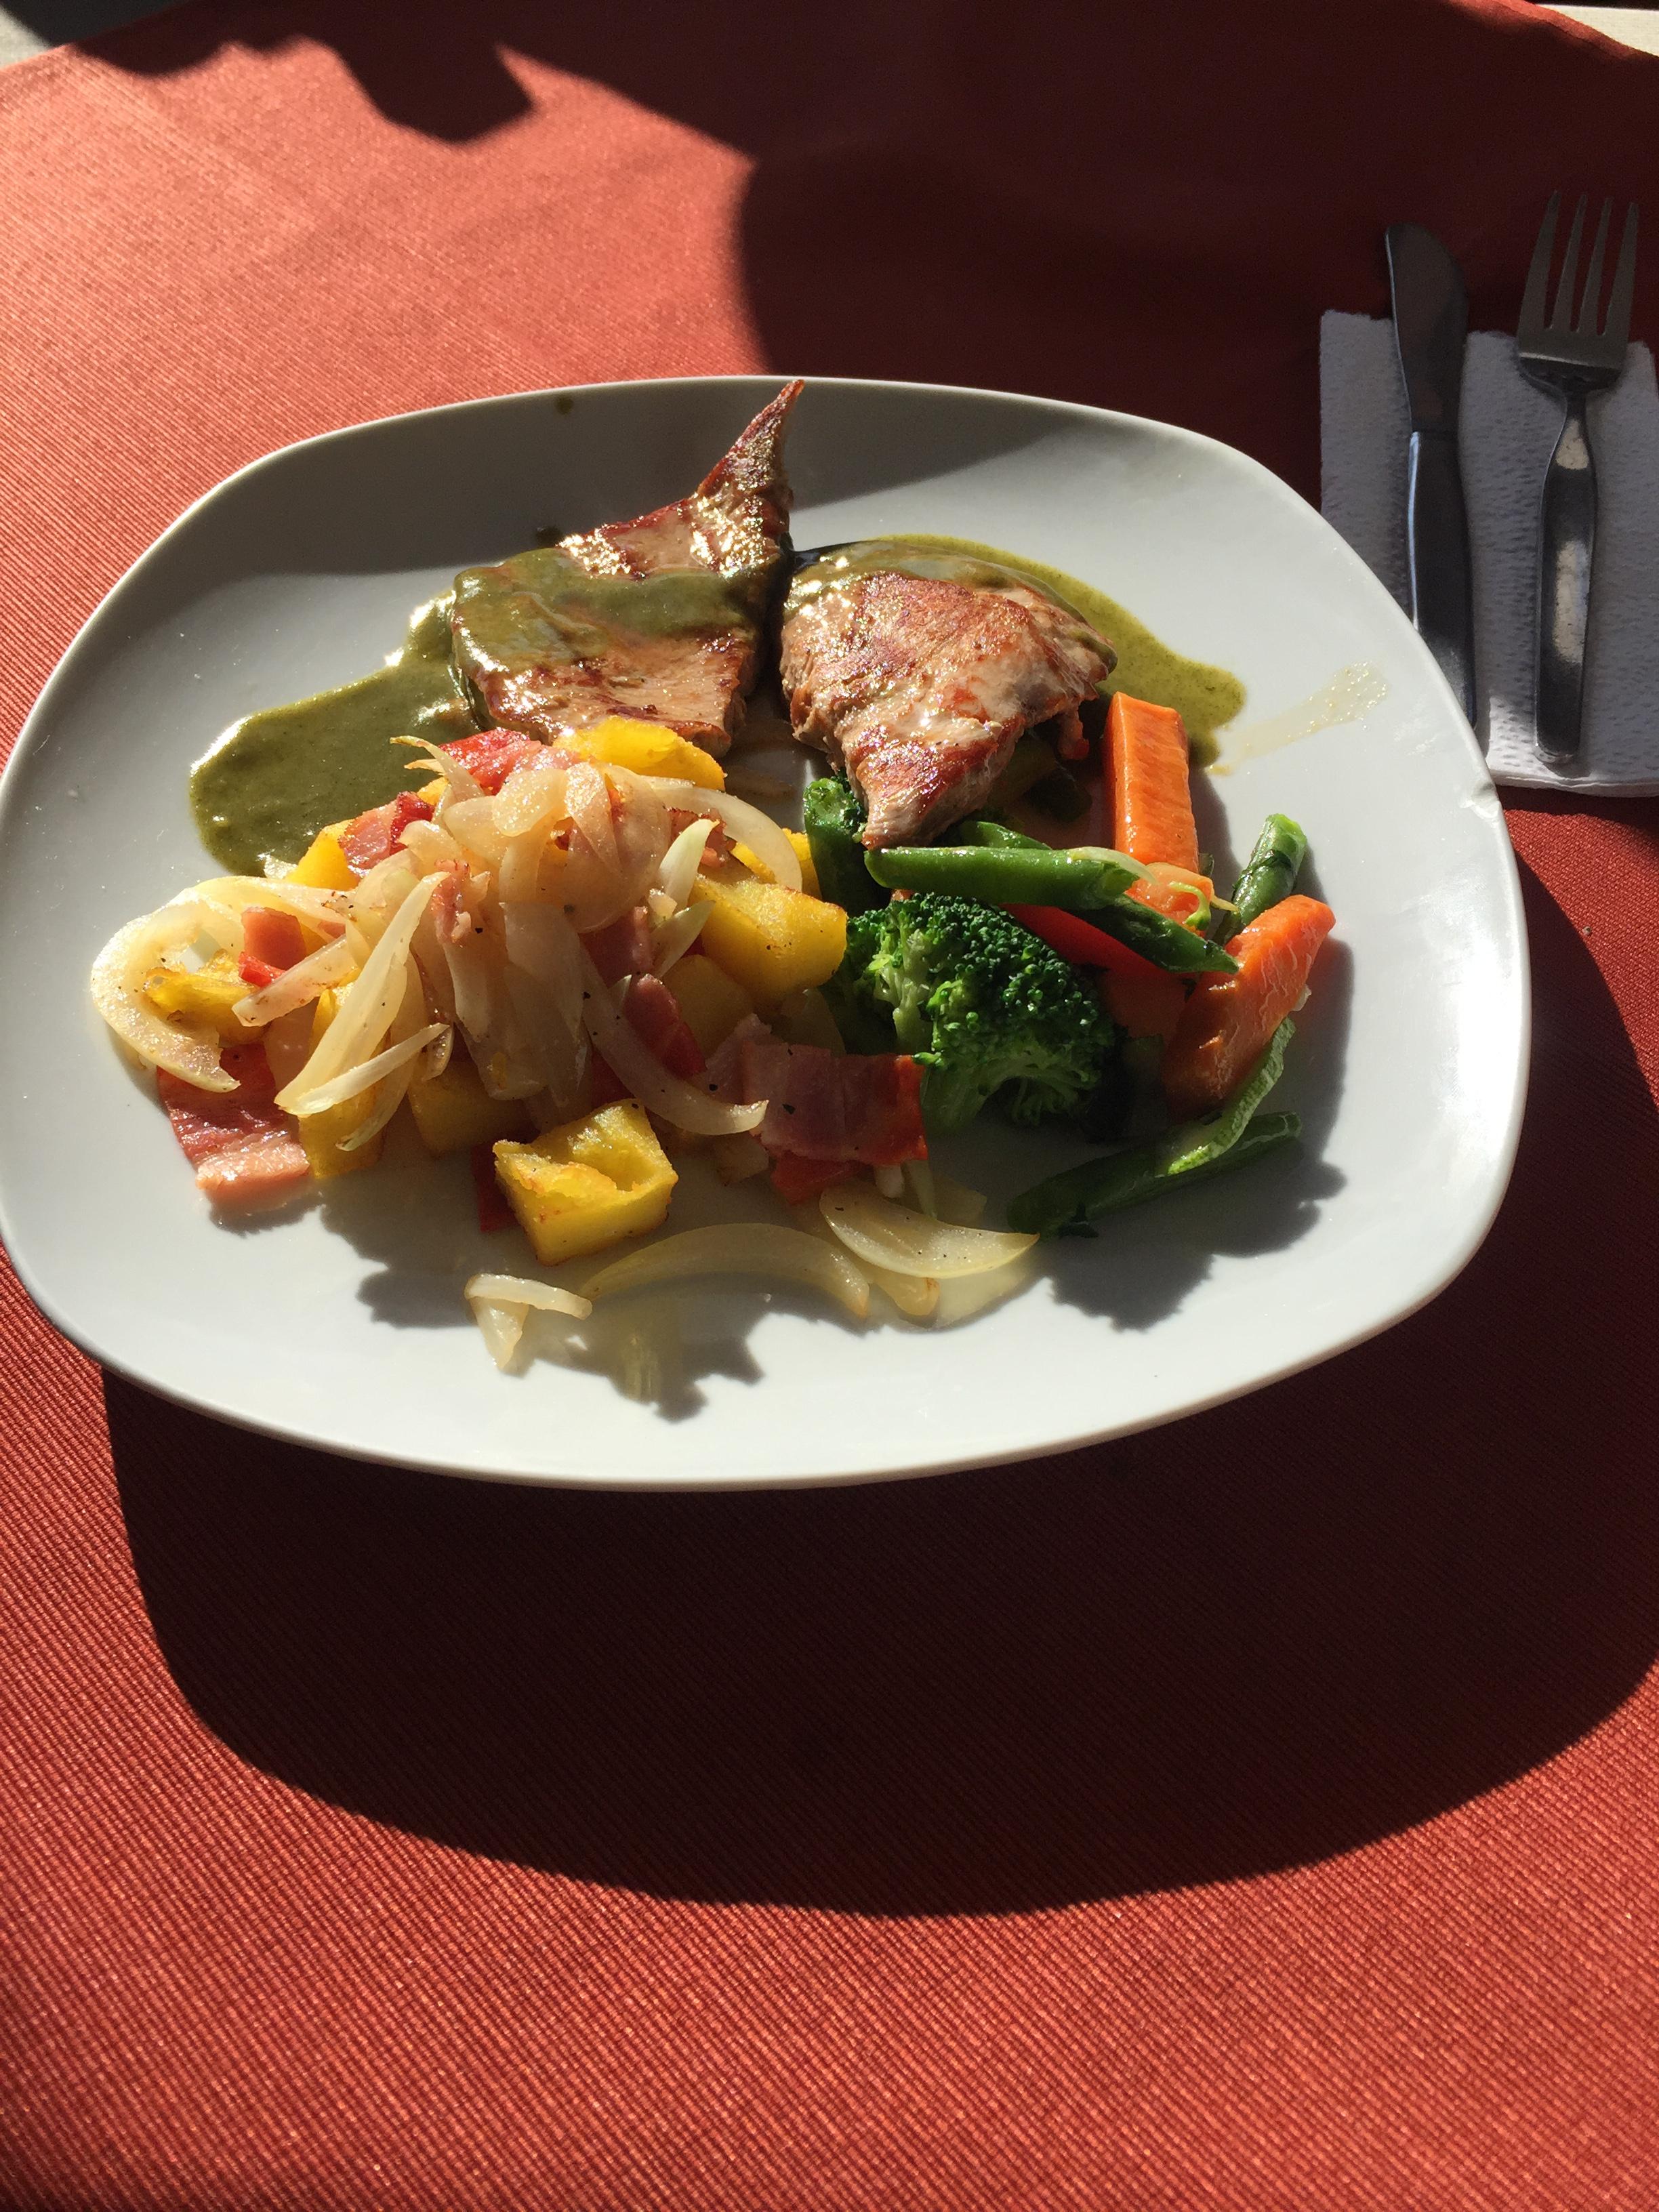 طعام لحم الباكا في البيرو